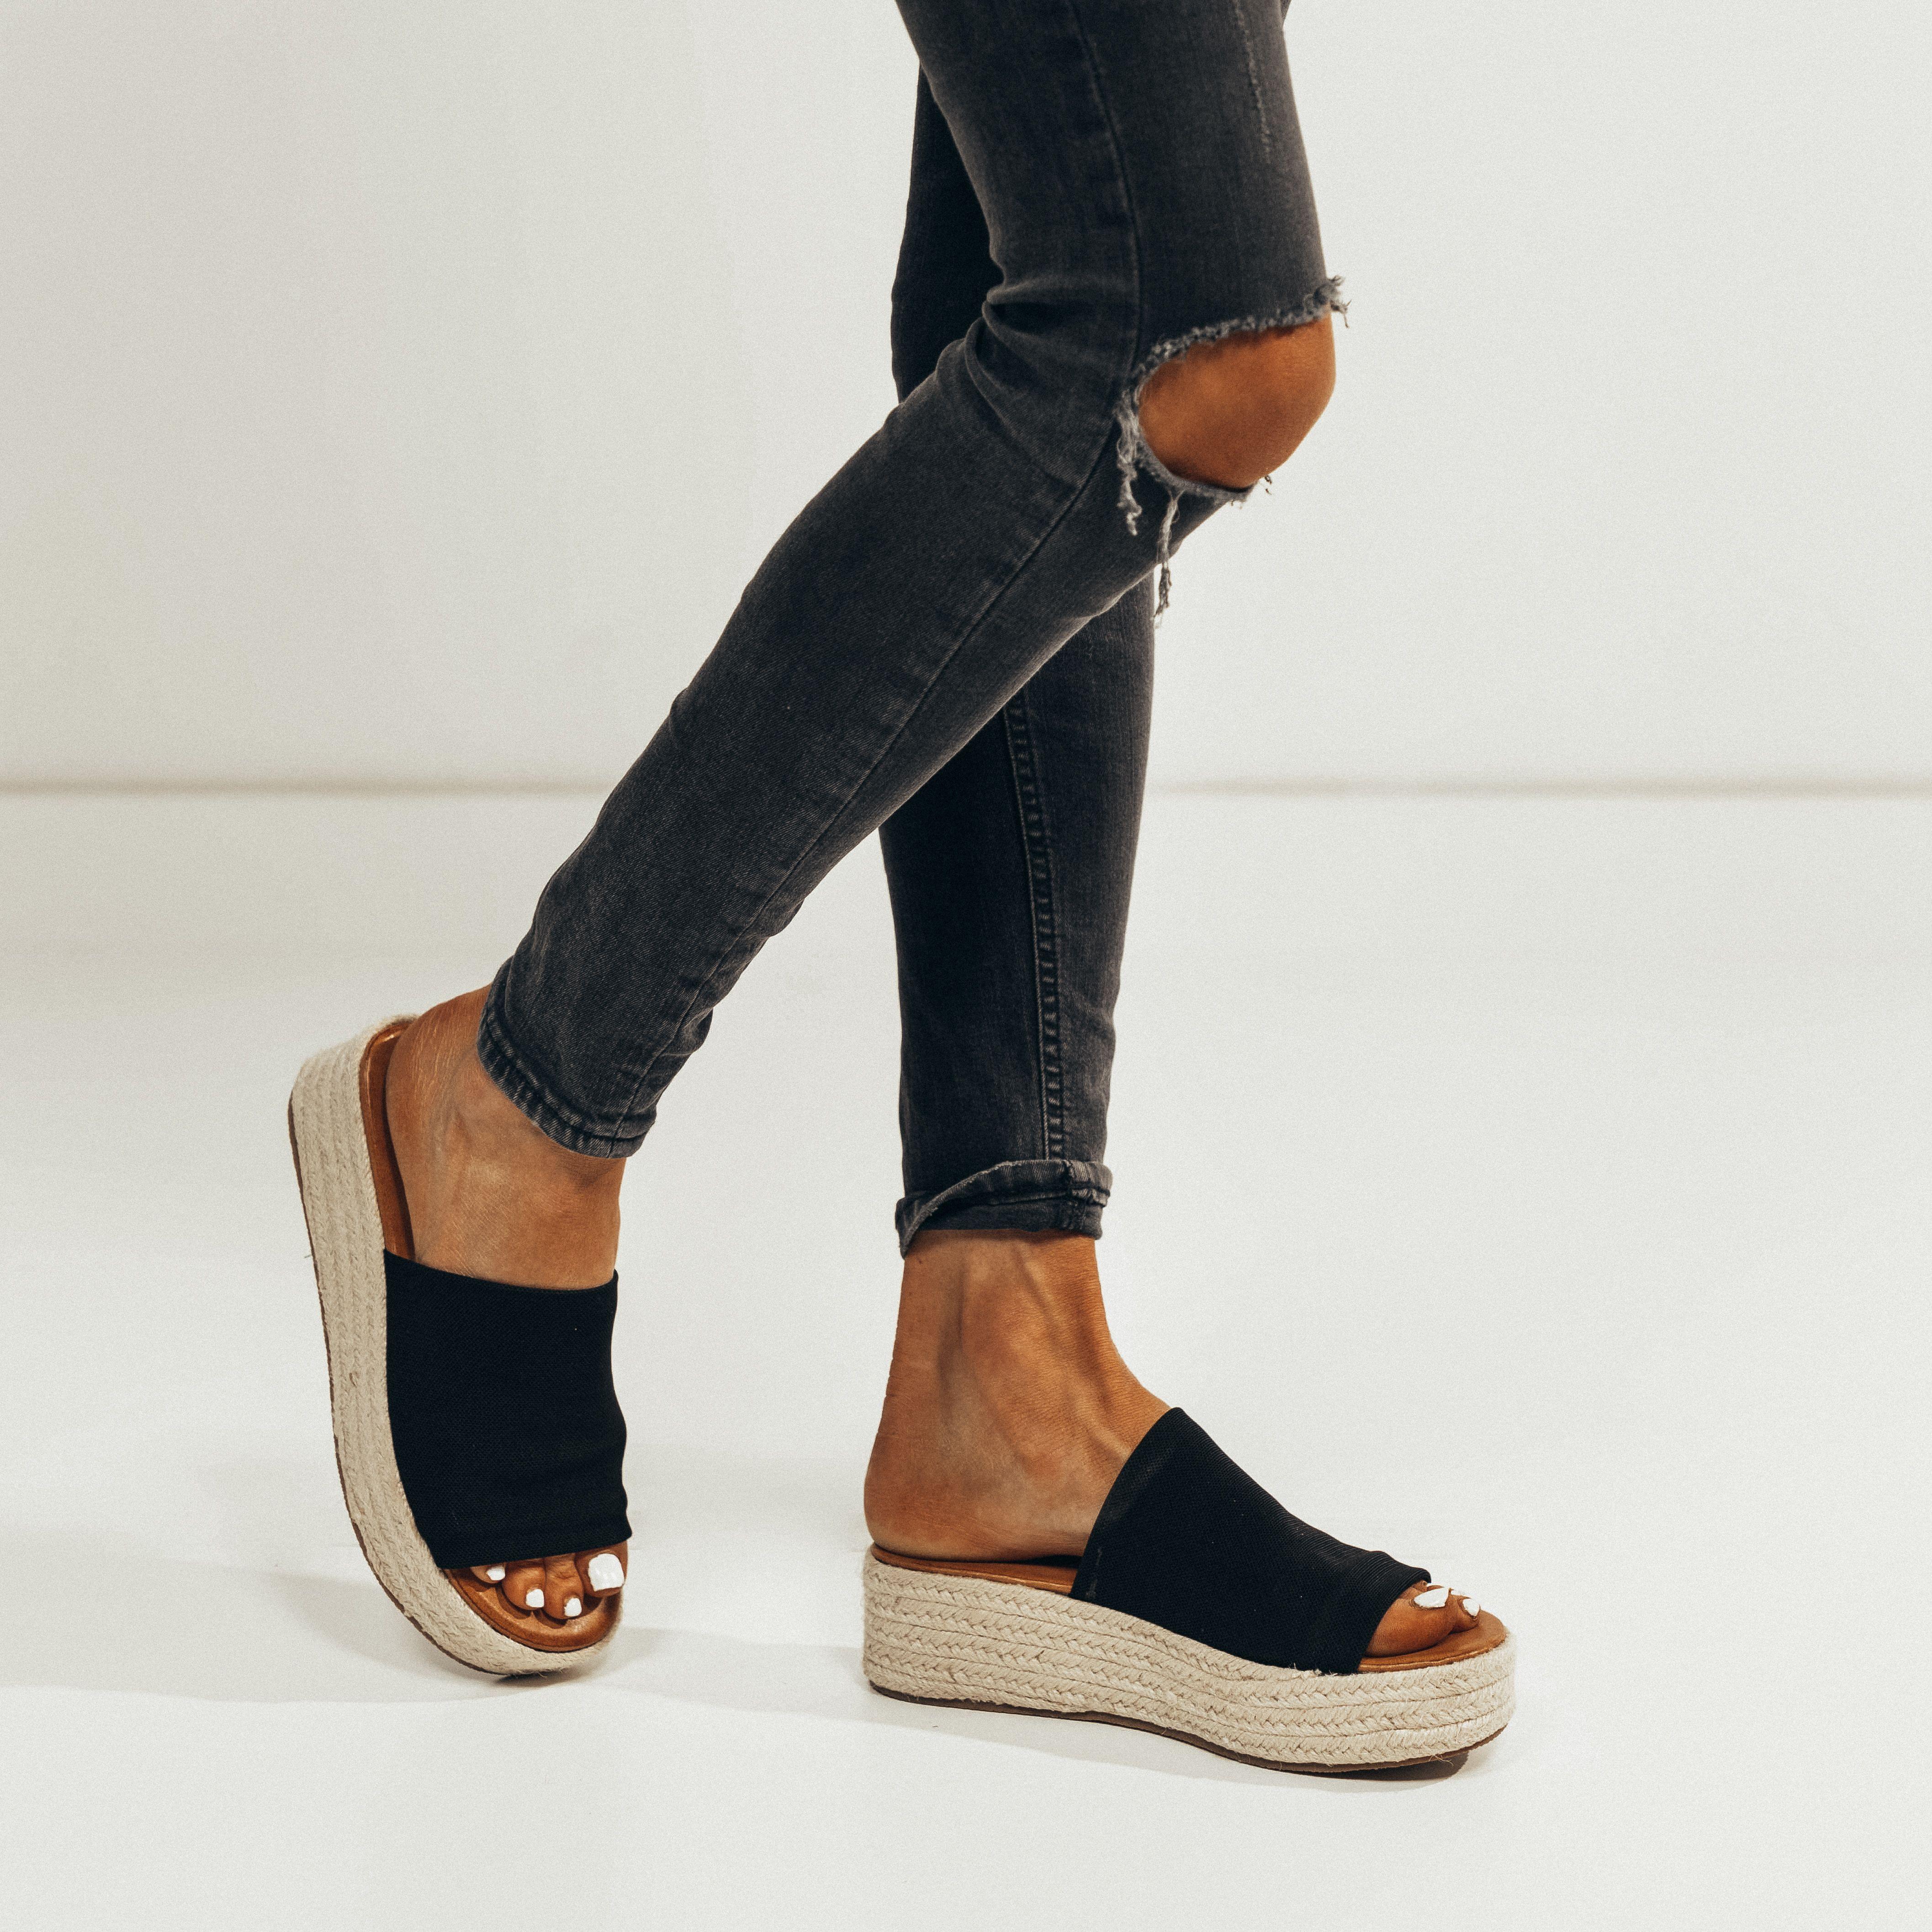 2018 summer sandal platform shoe wedge    shop stevie hender  62be7321599